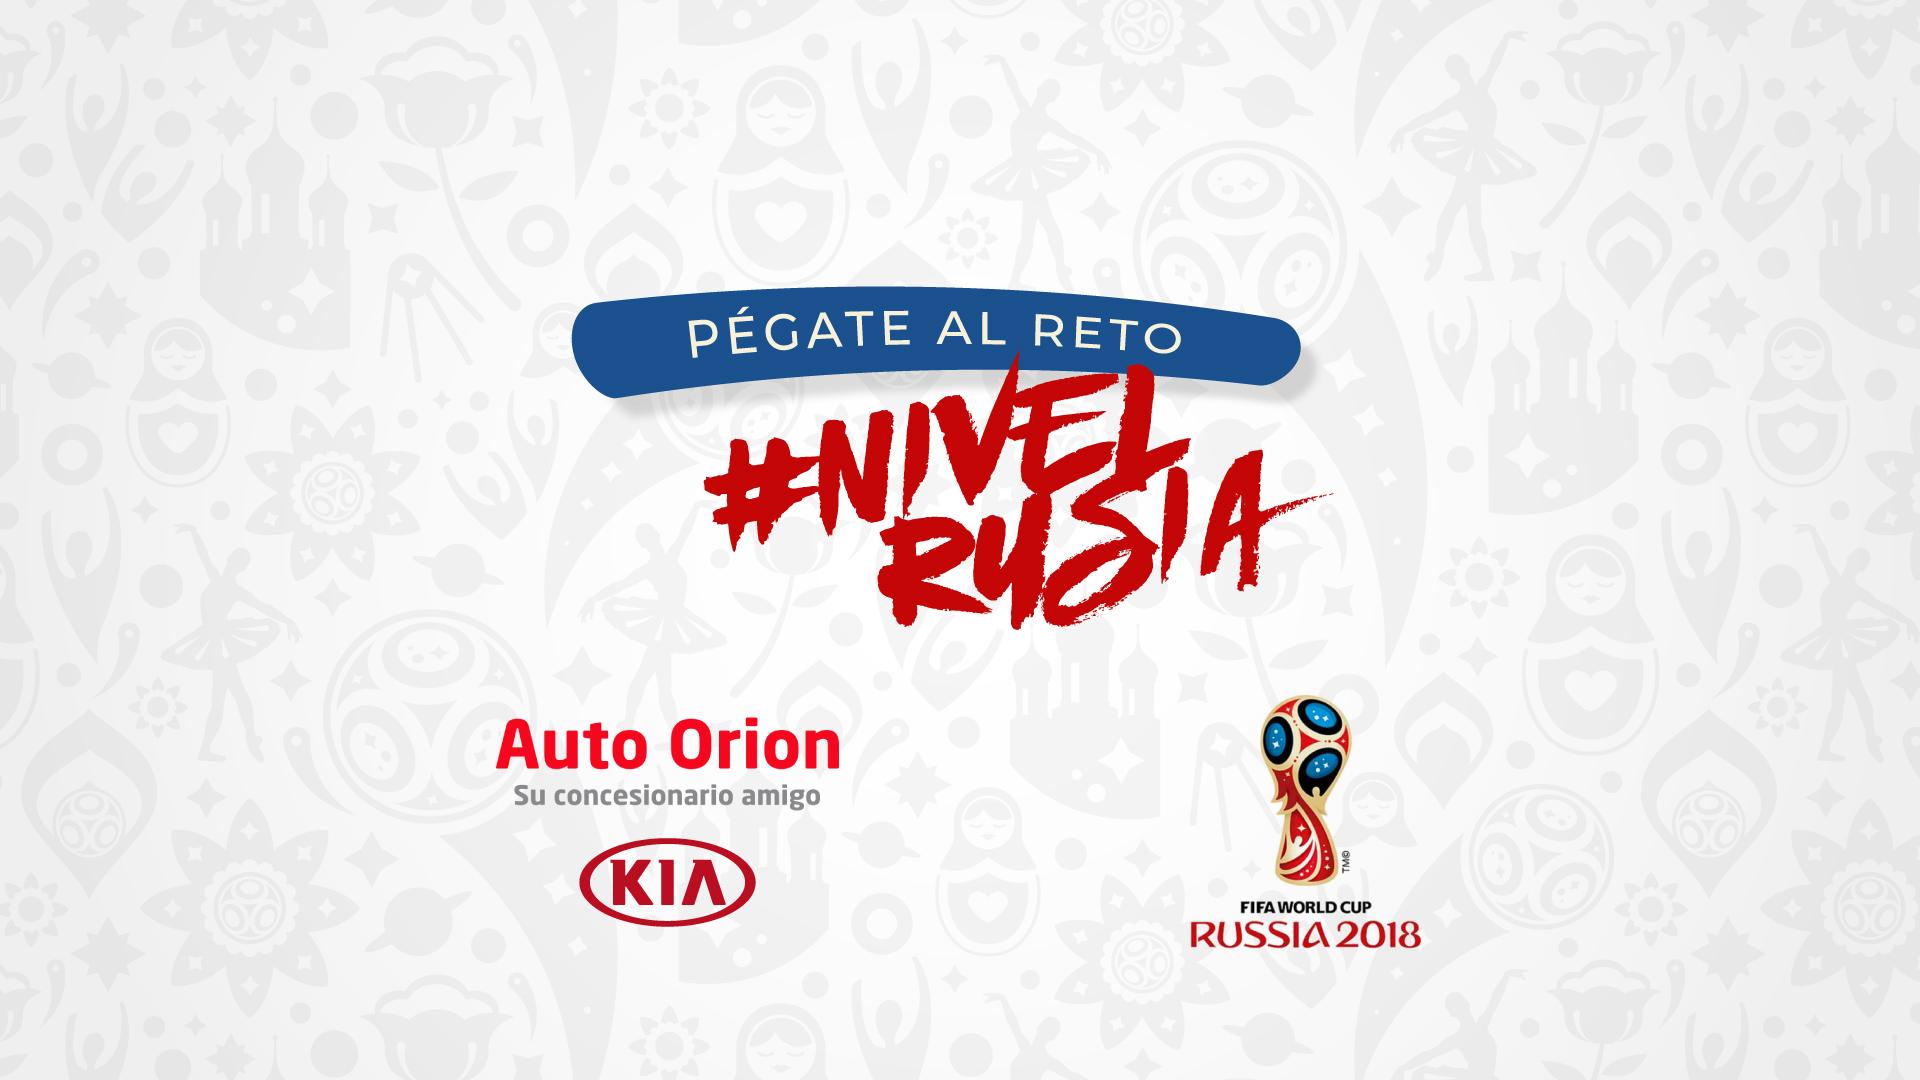 18_02_22_Propuesta_Auto_Orion_Mundial_Rusia_1